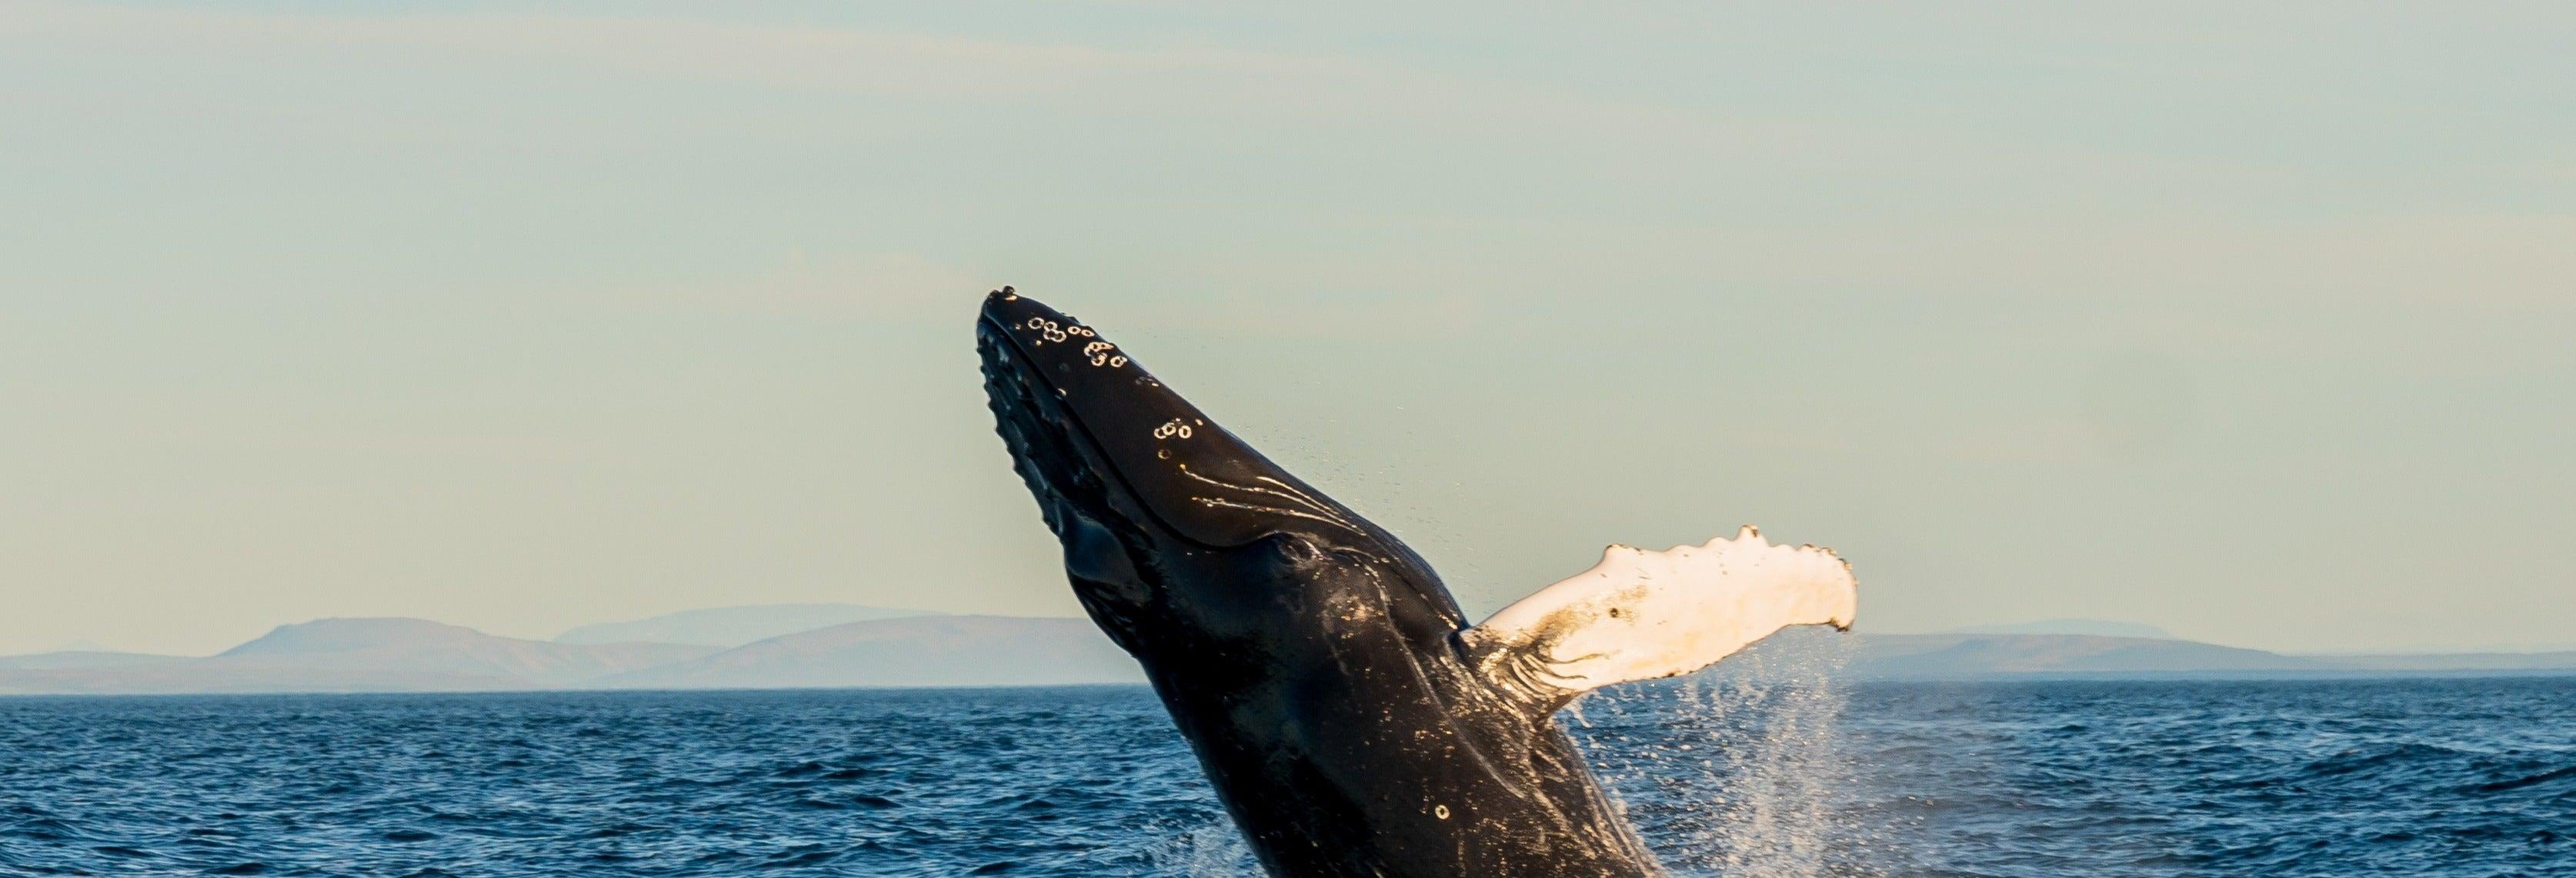 Avistamiento de ballenas en barco ecológico